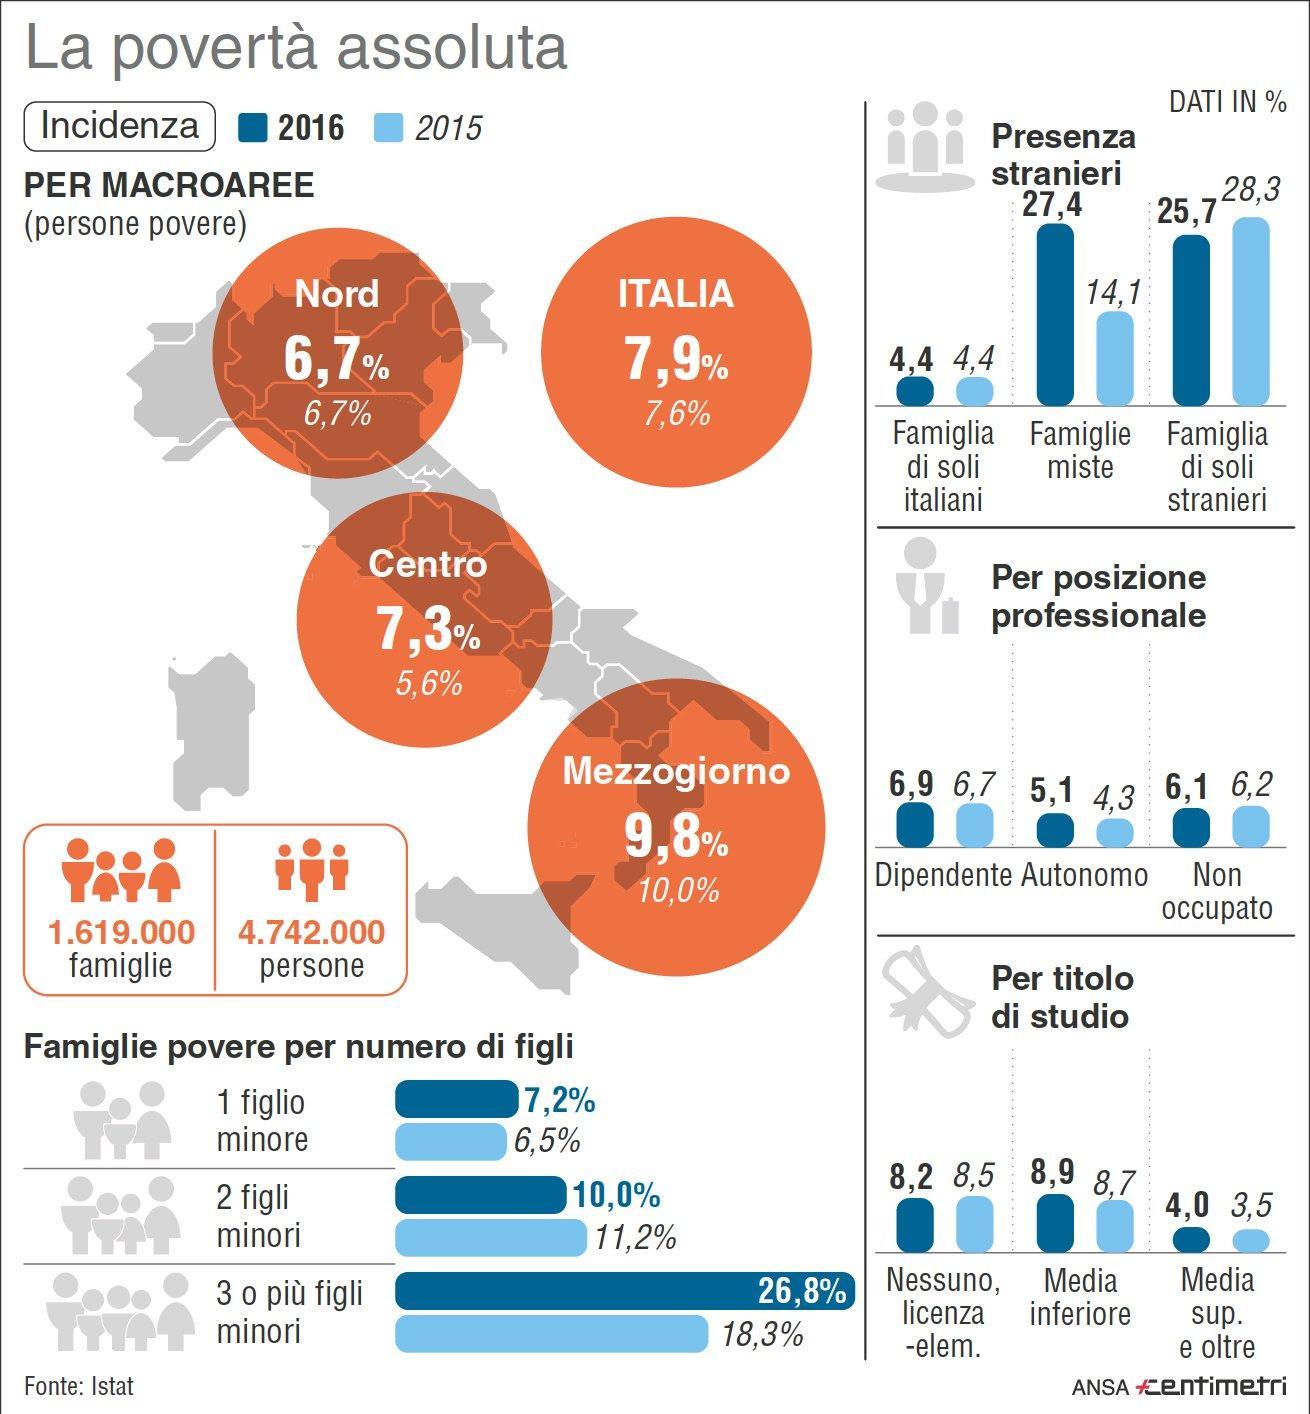 Istat: i dati sugli italiani in condizioni di povertà